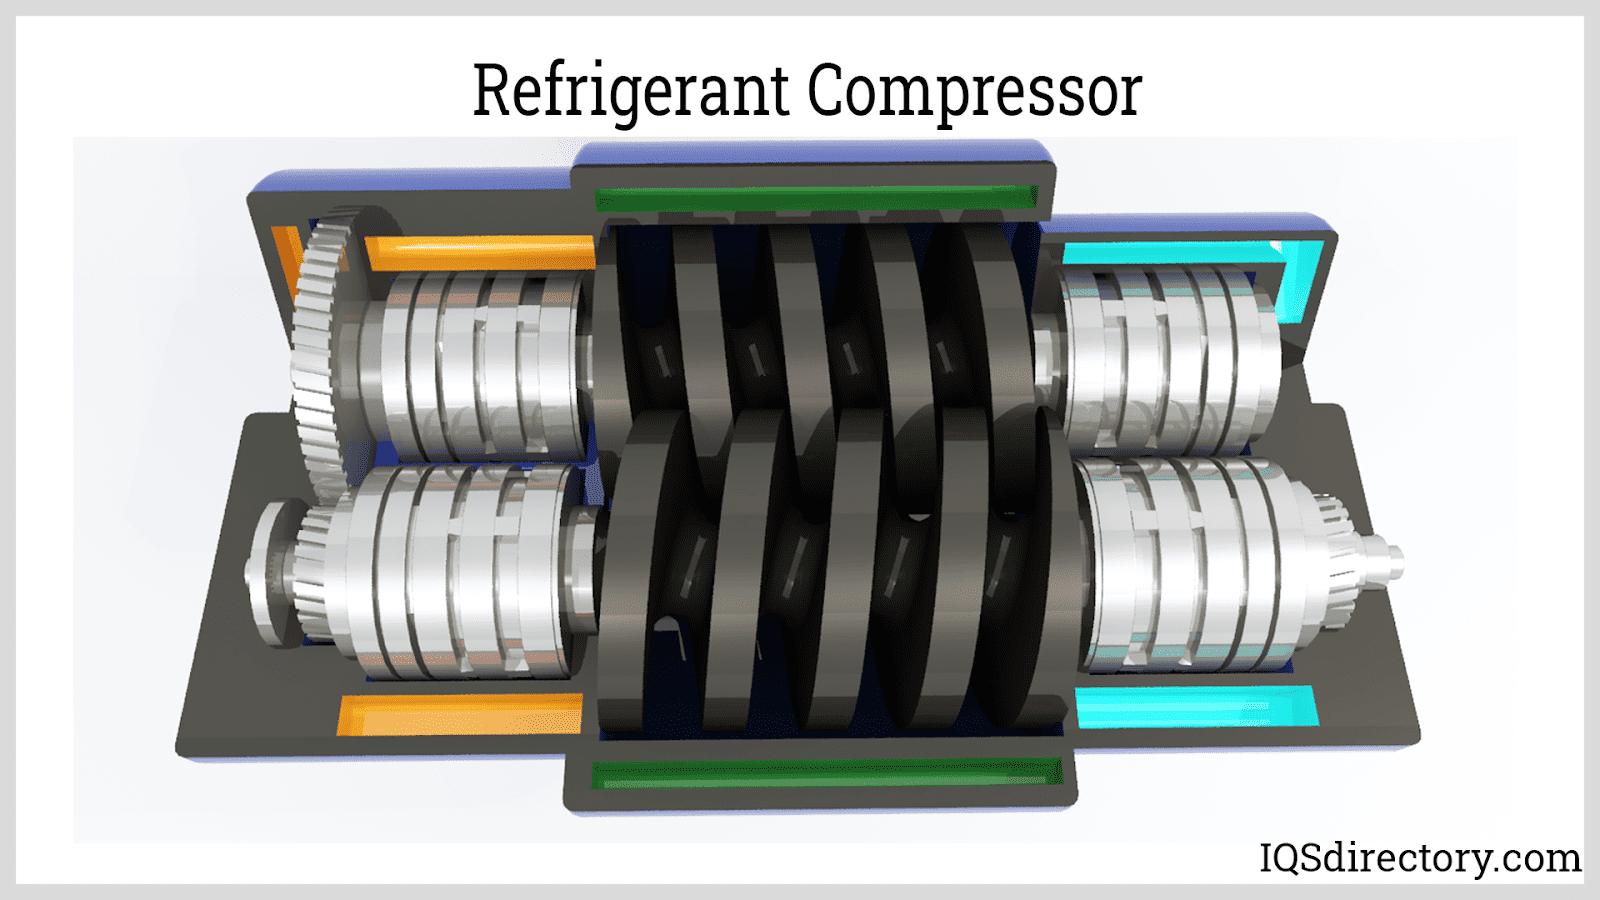 Refrigerant Compressor